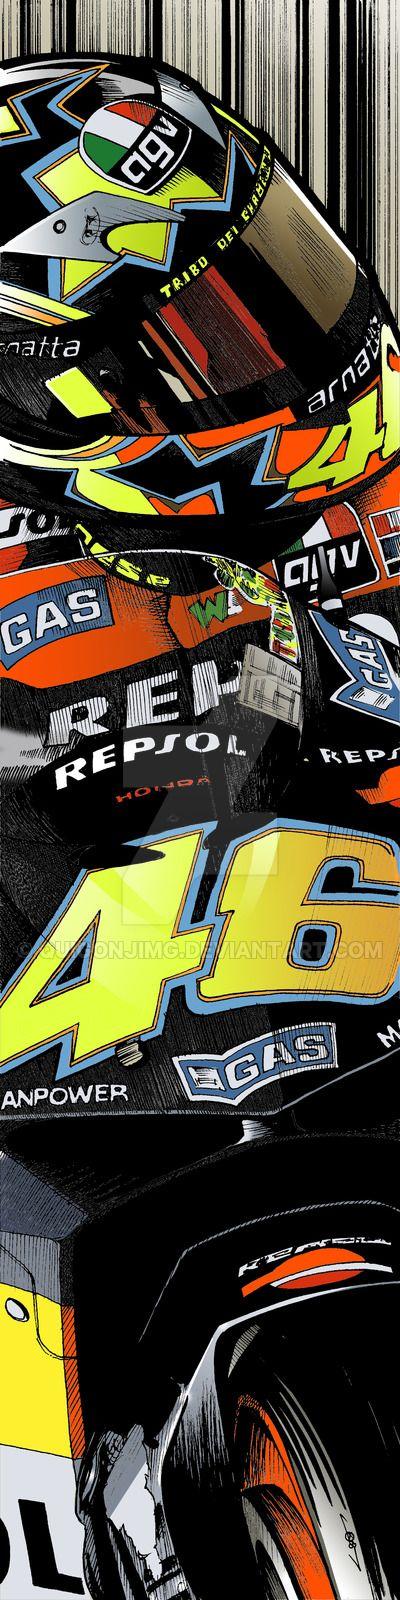 Valentino Rossi - Repsol Honda by quigonjimg.deviantart.com on @DeviantArt